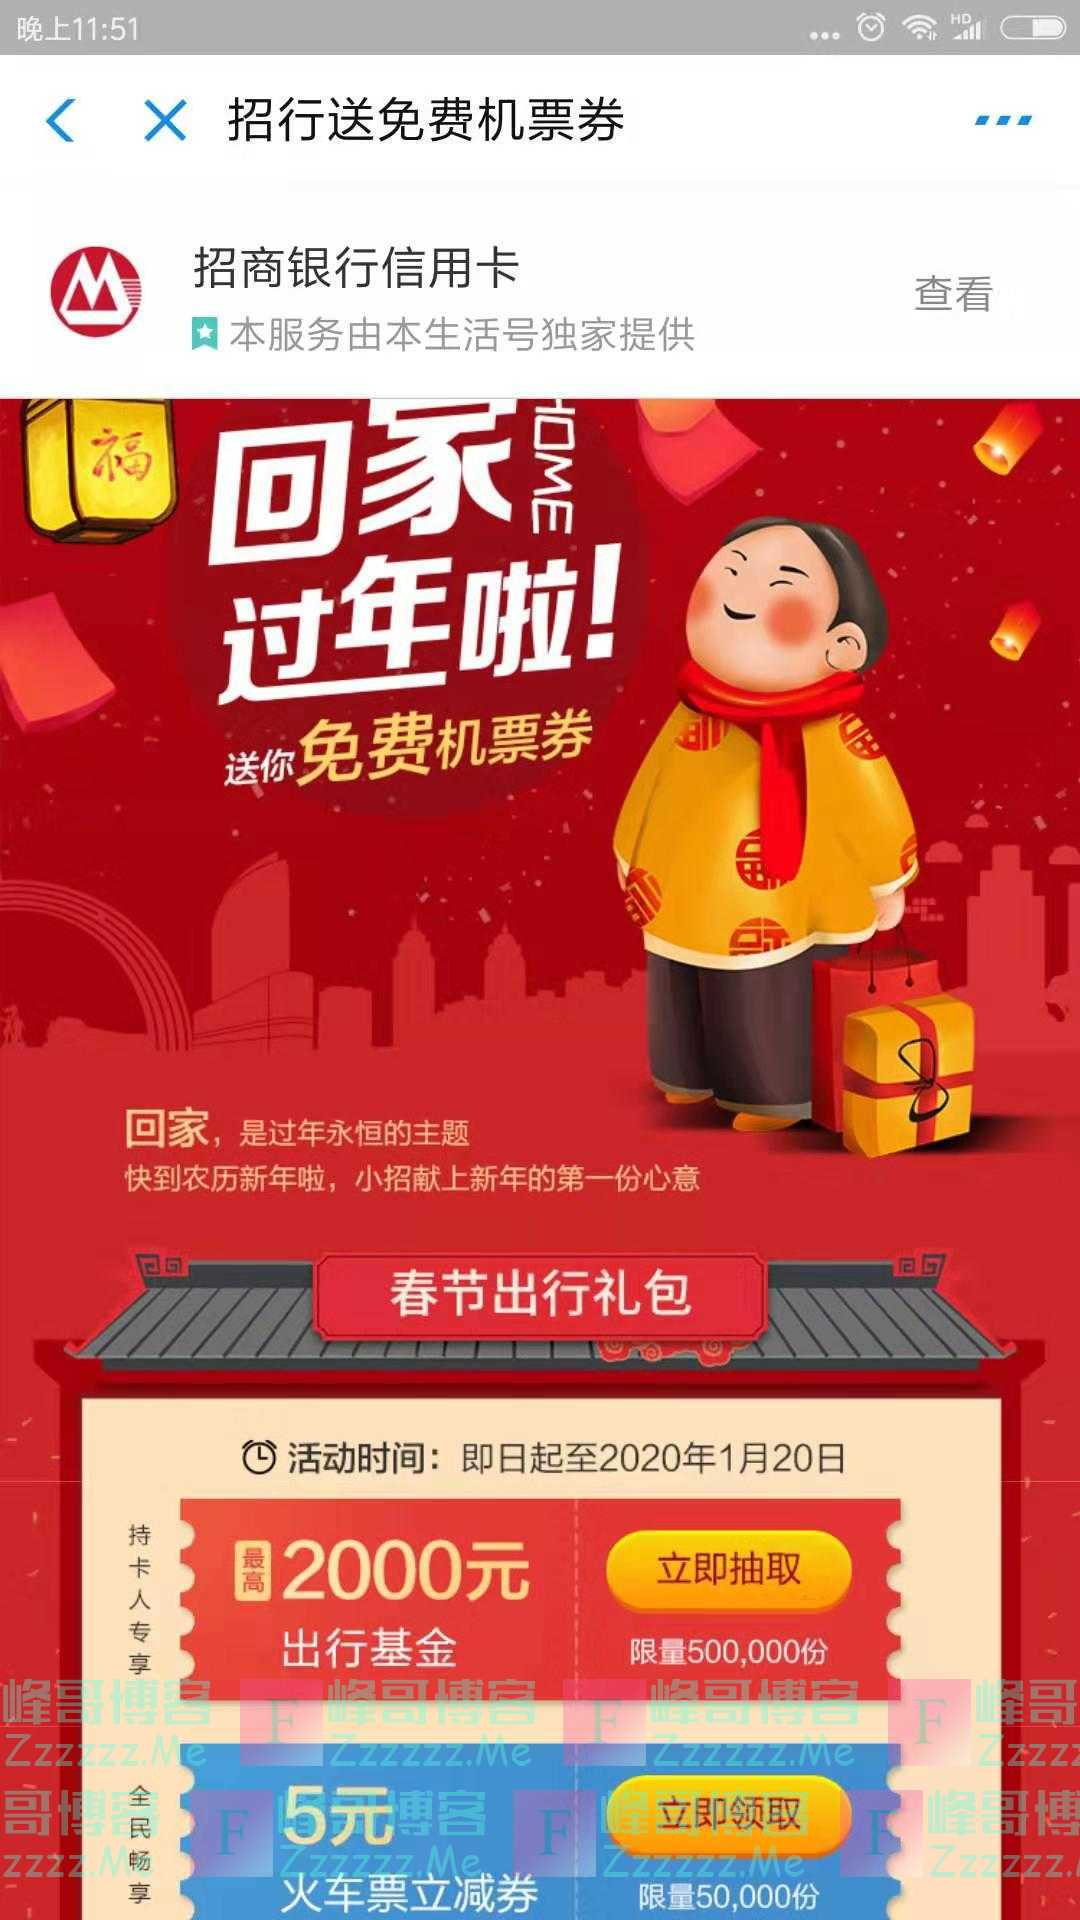 招商银行xing/用卡回家过年送你免费机票(截止1月20日)